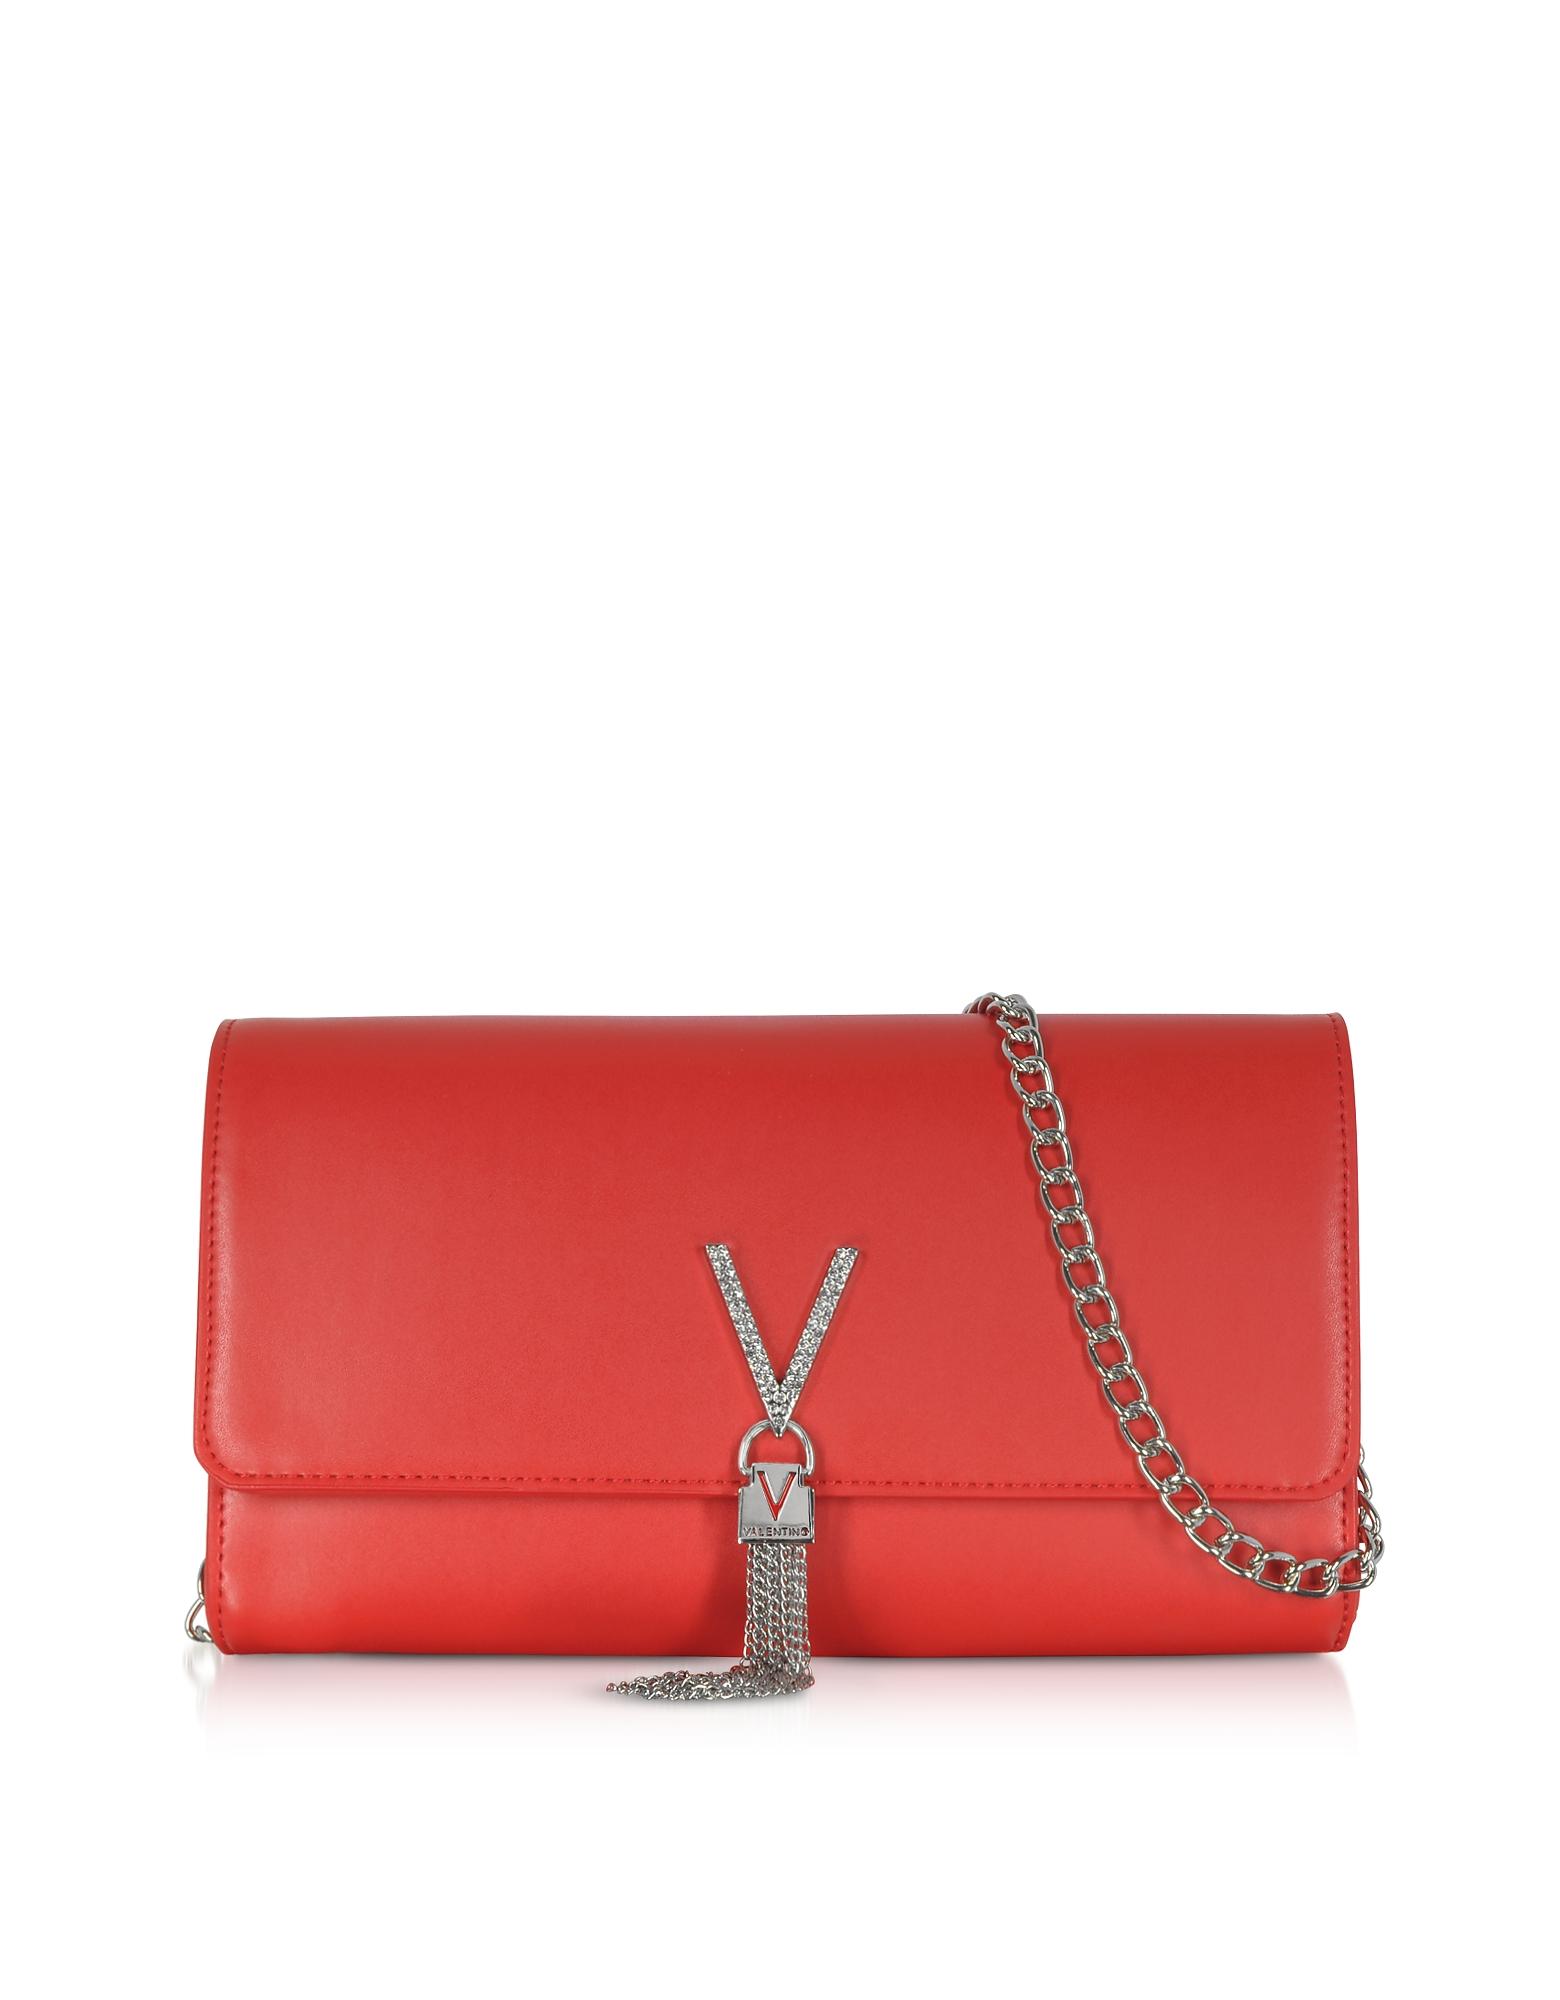 Valentino by Mario Valentino Designer Handbags, Ranma V Clutch w/Chain Strap